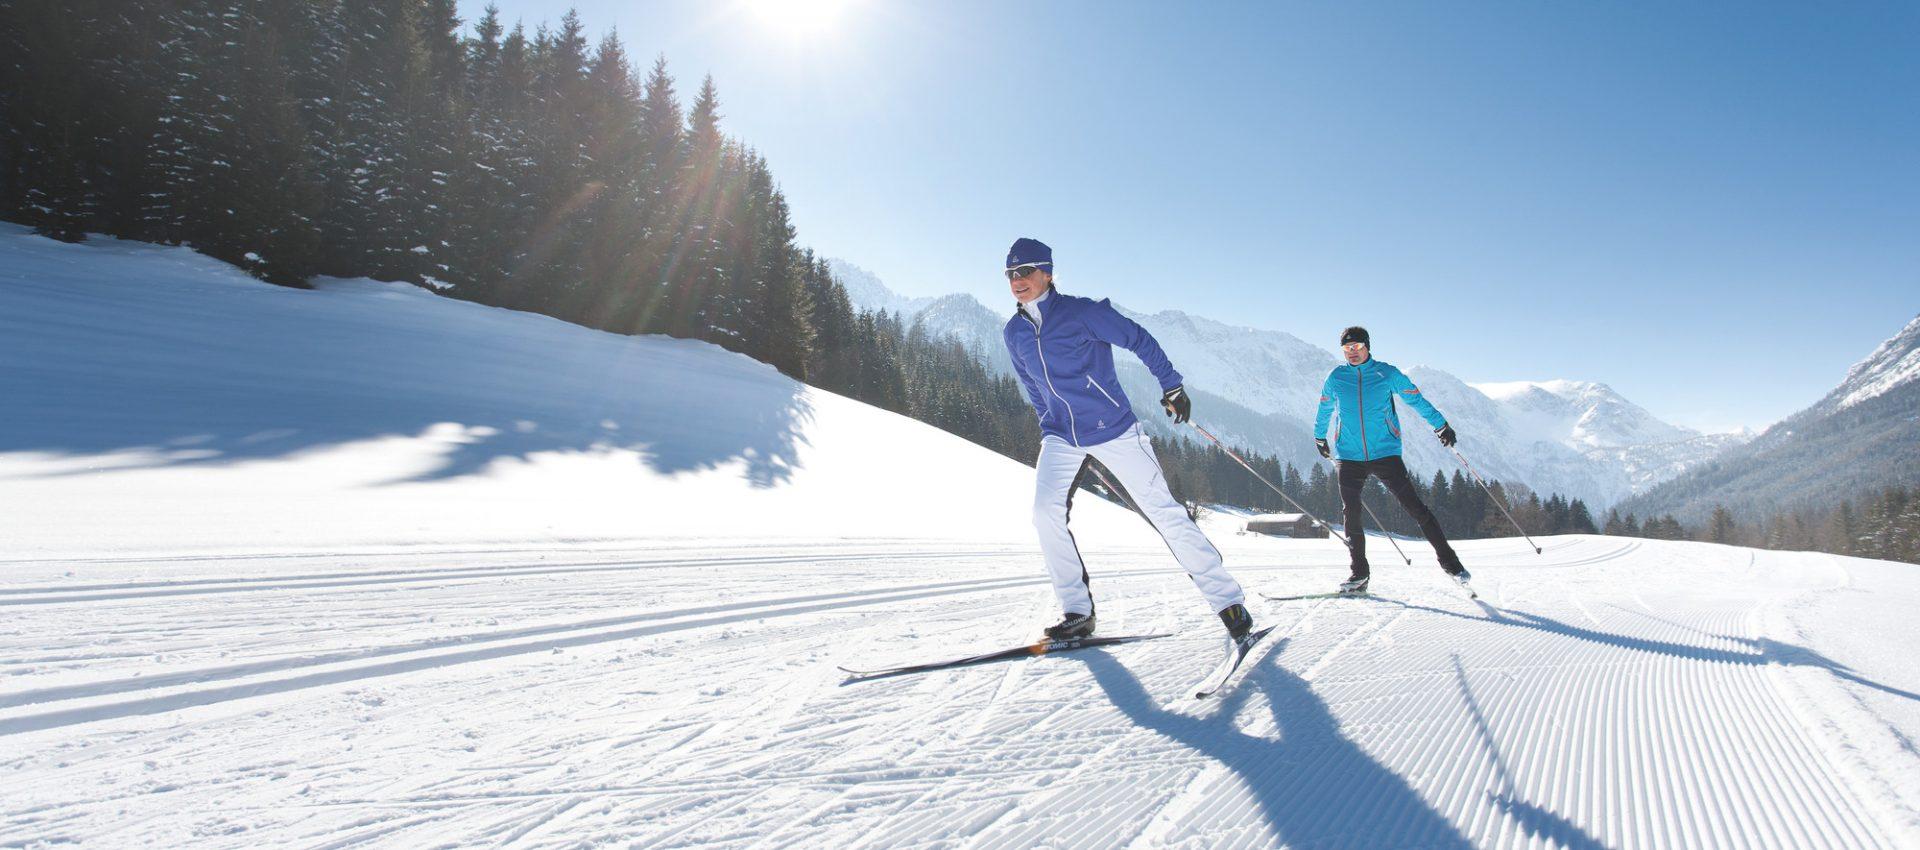 Zwei Längläufer beim Skating auf der Piste im Sonnenschein.